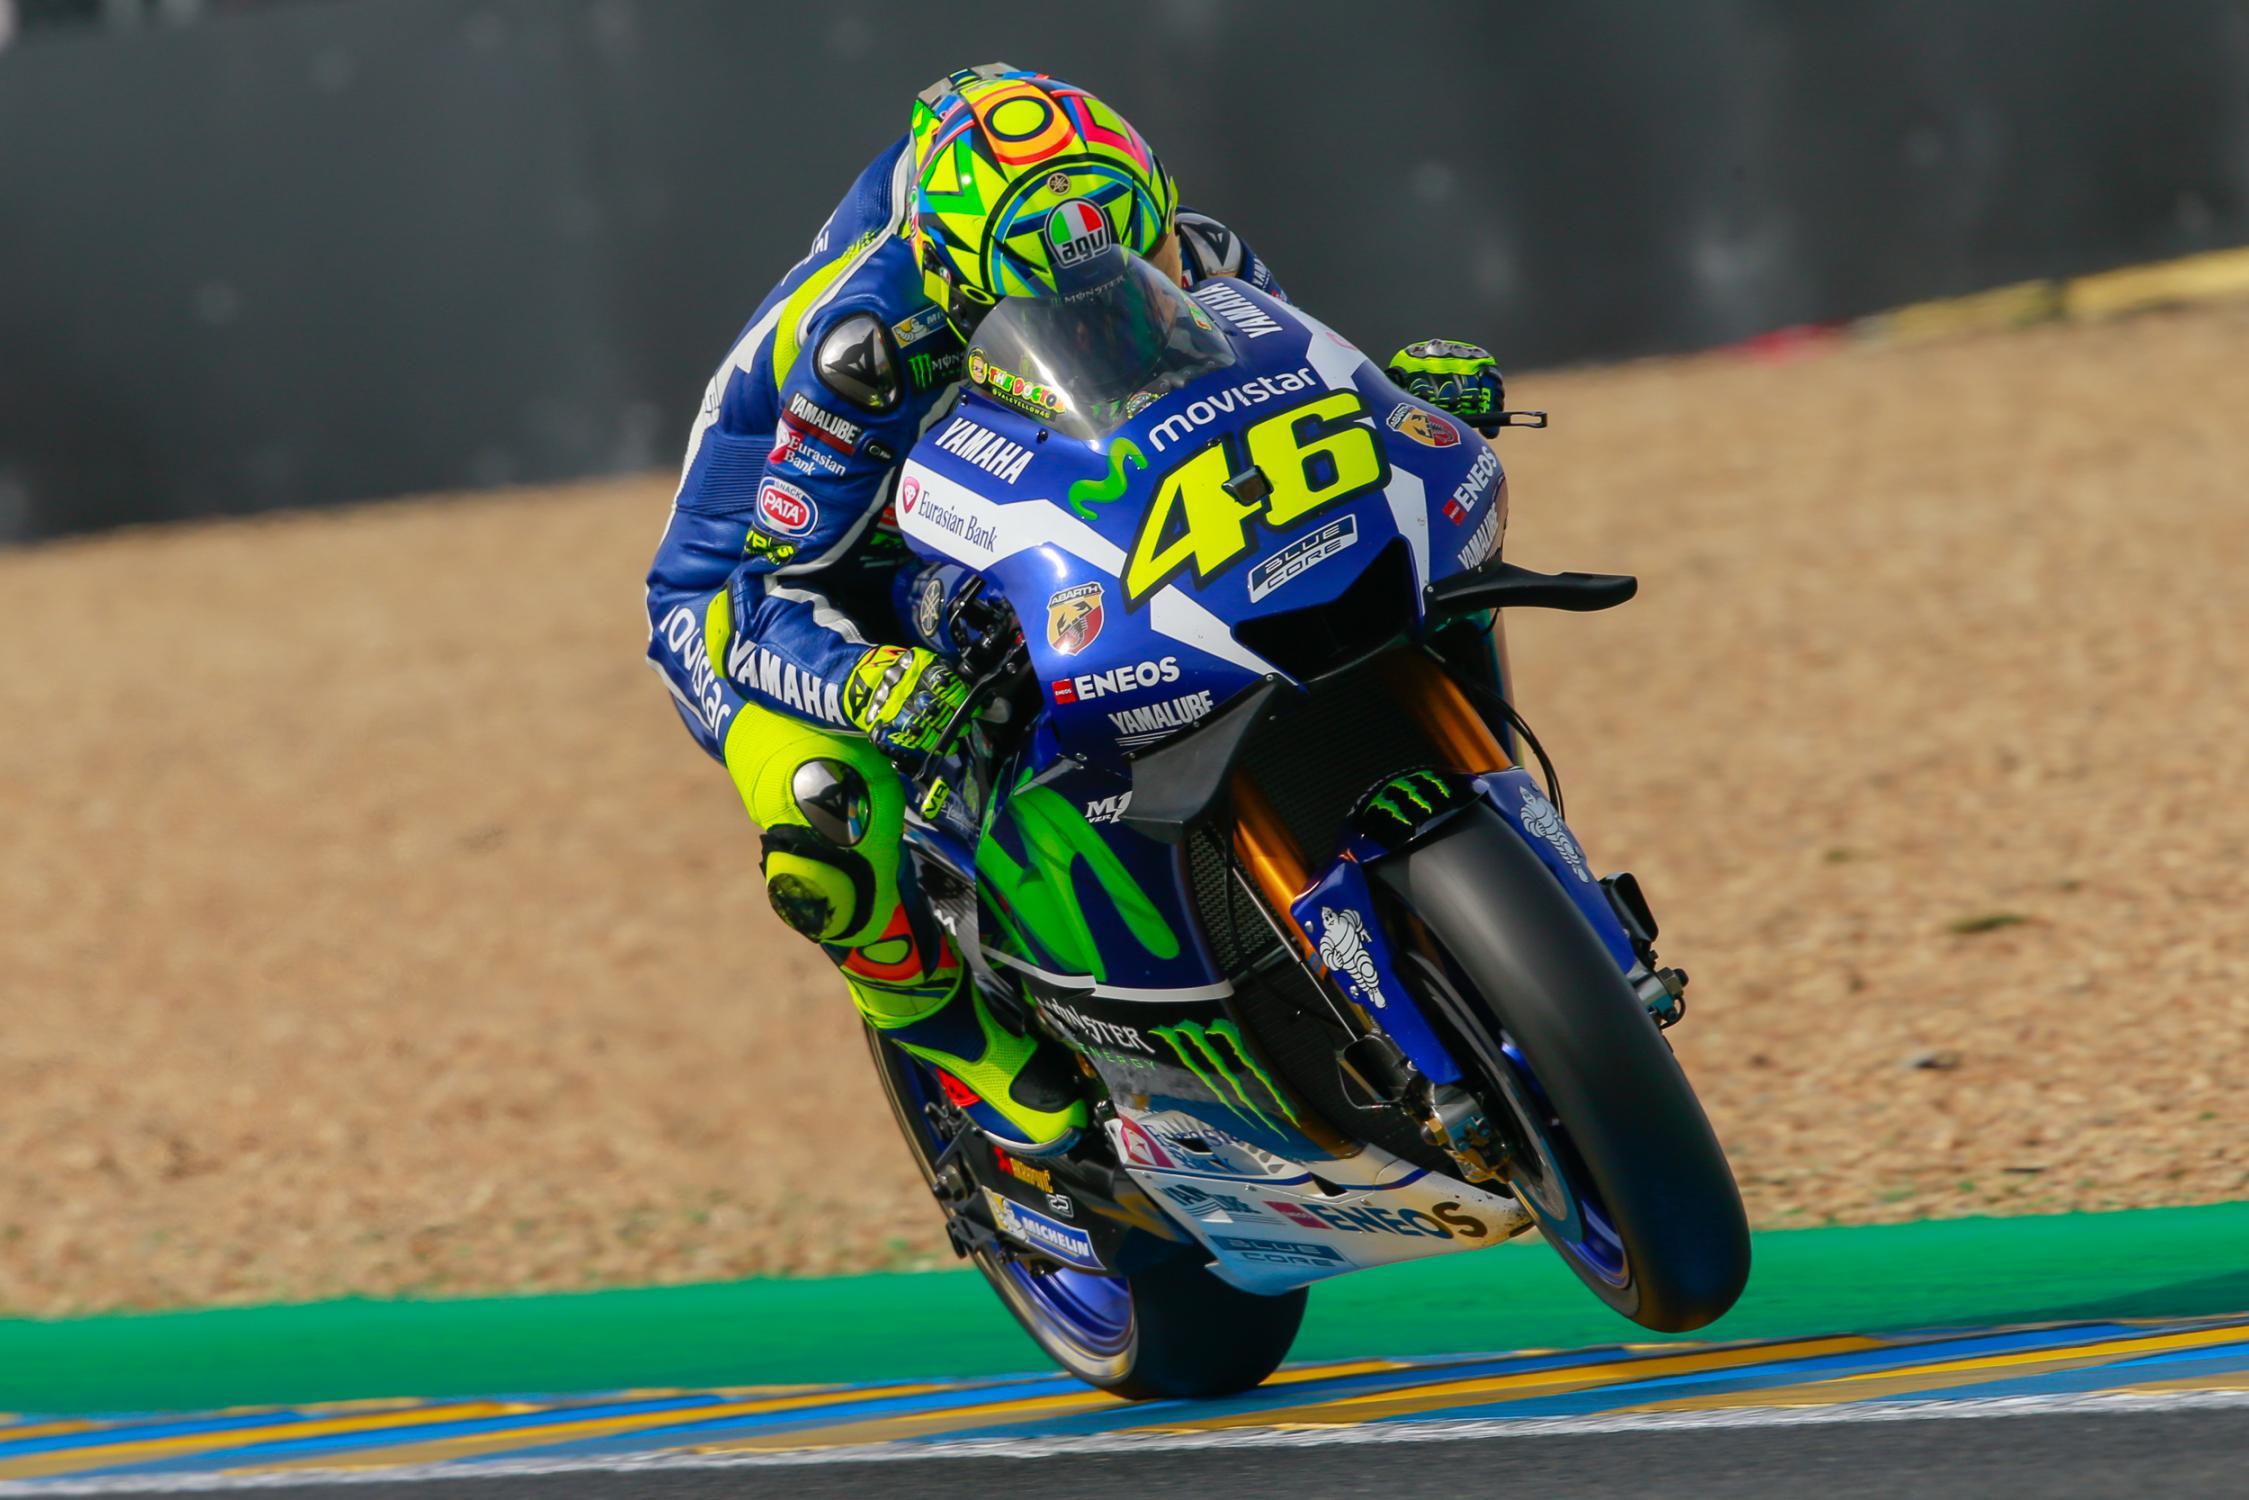 Rossi fez bela corrida completando a Dobradinha